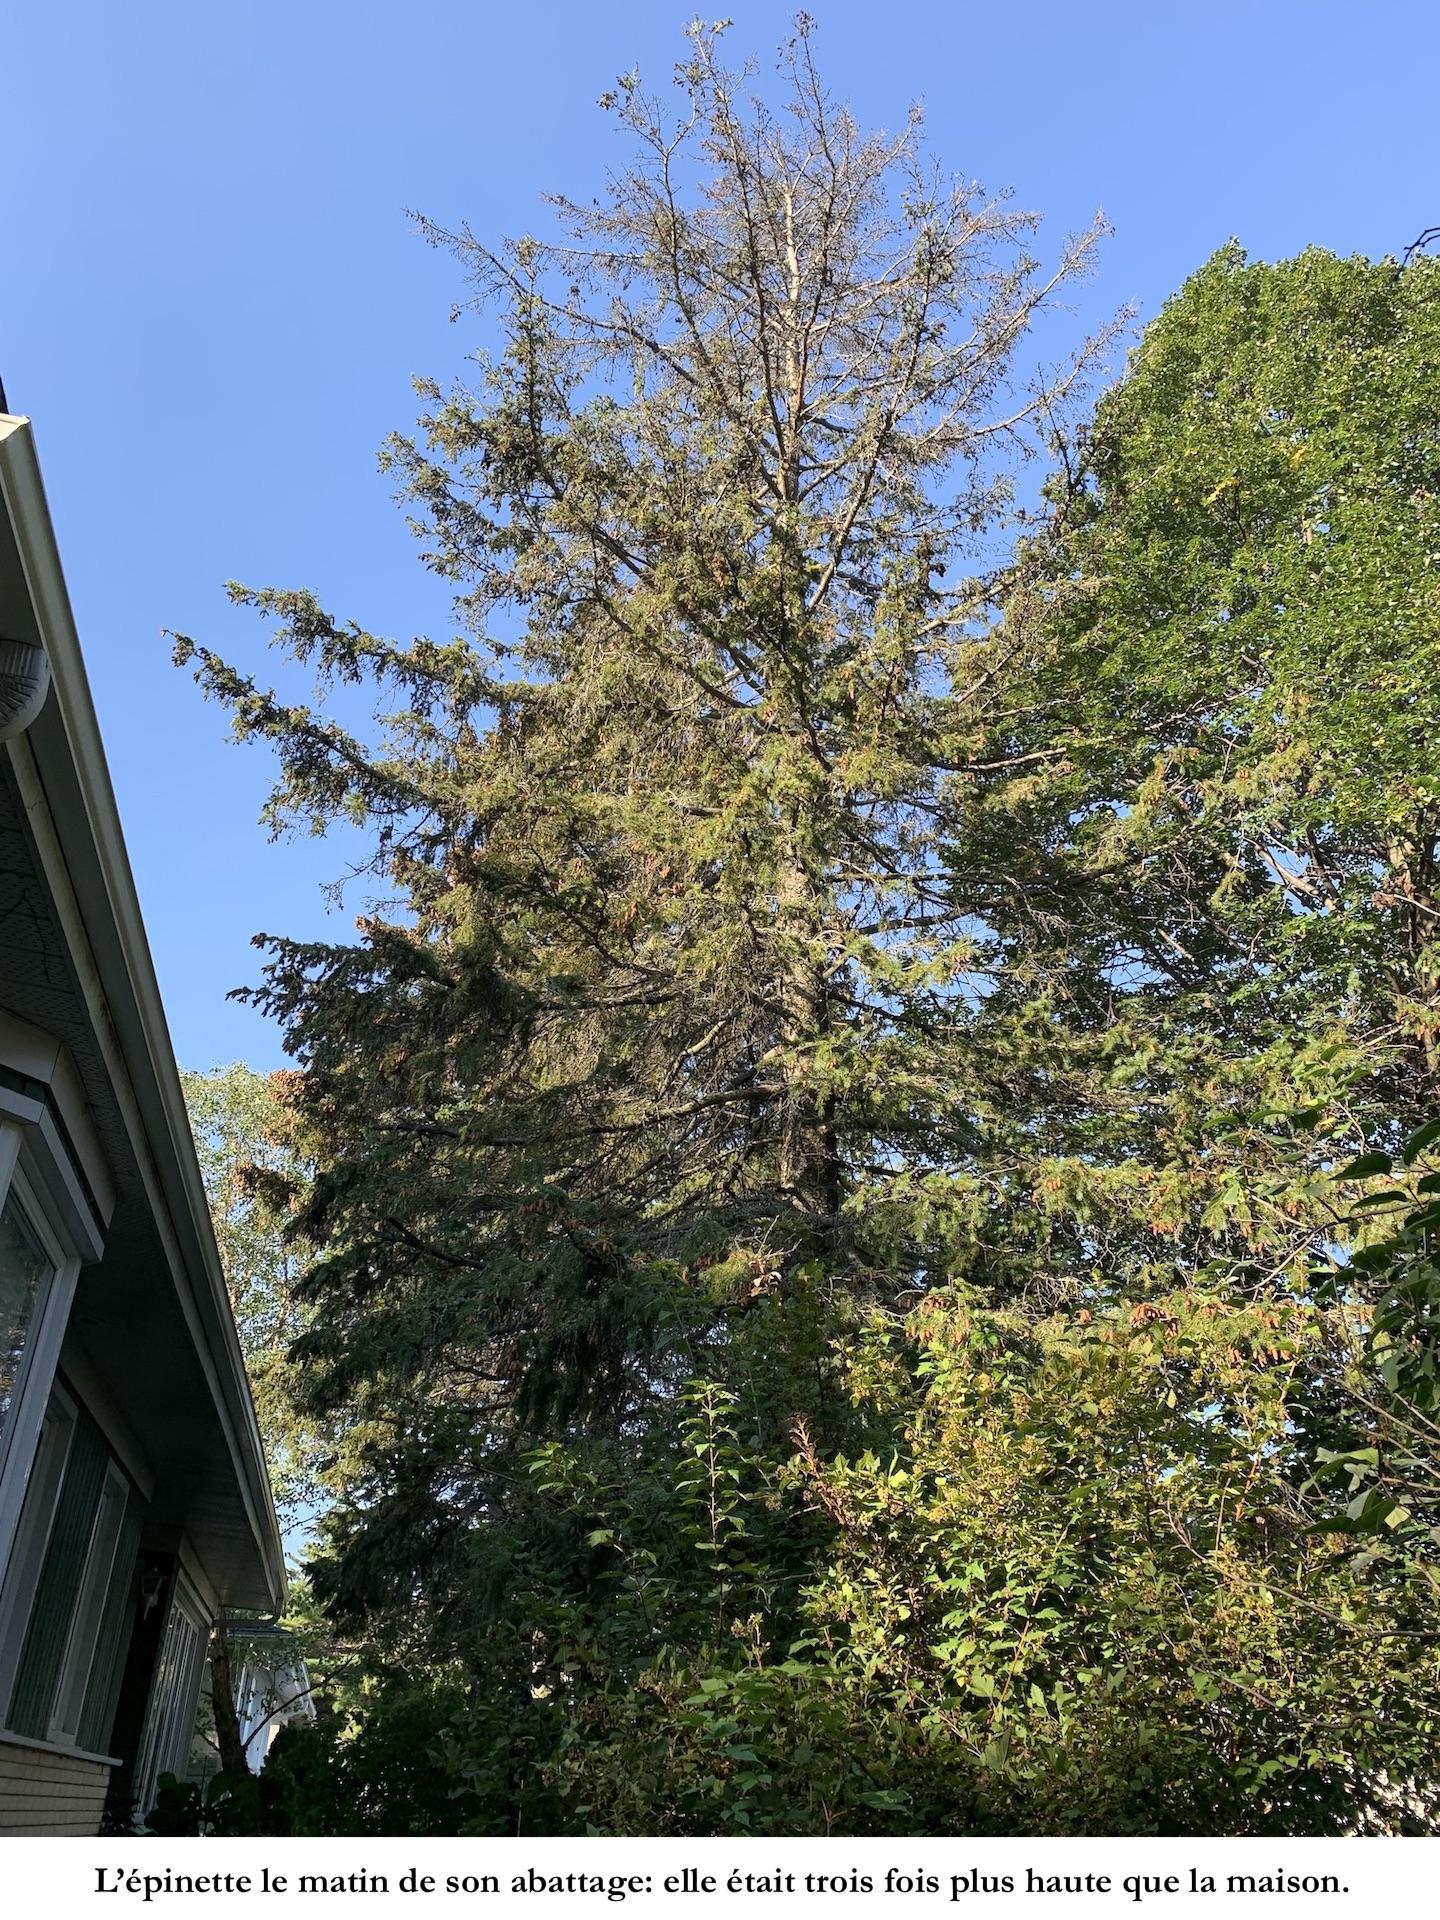 Épinette mourante près d'une maison.